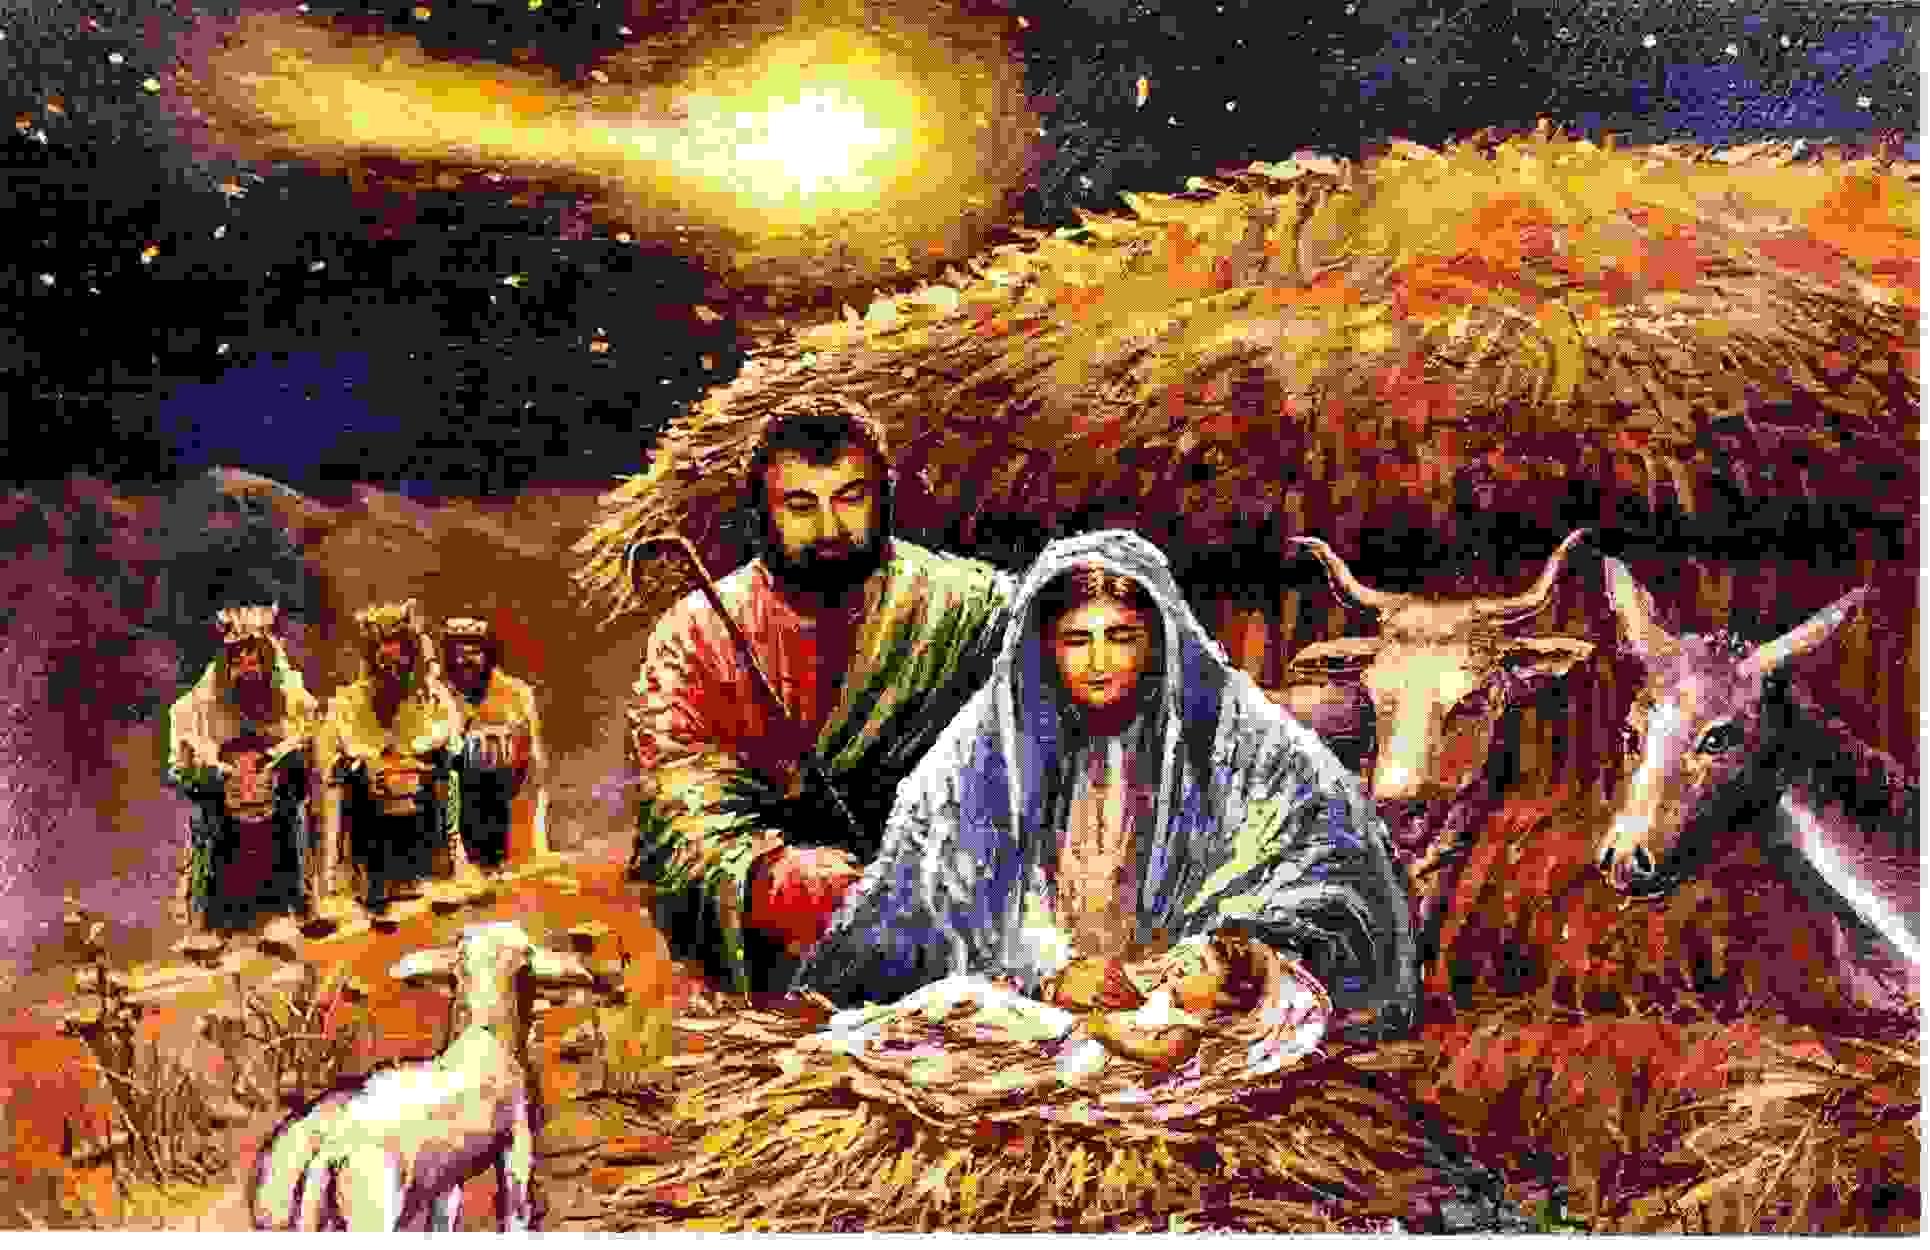 Fue realmente la Navidad el 25 de diciembre?   InfoVaticana